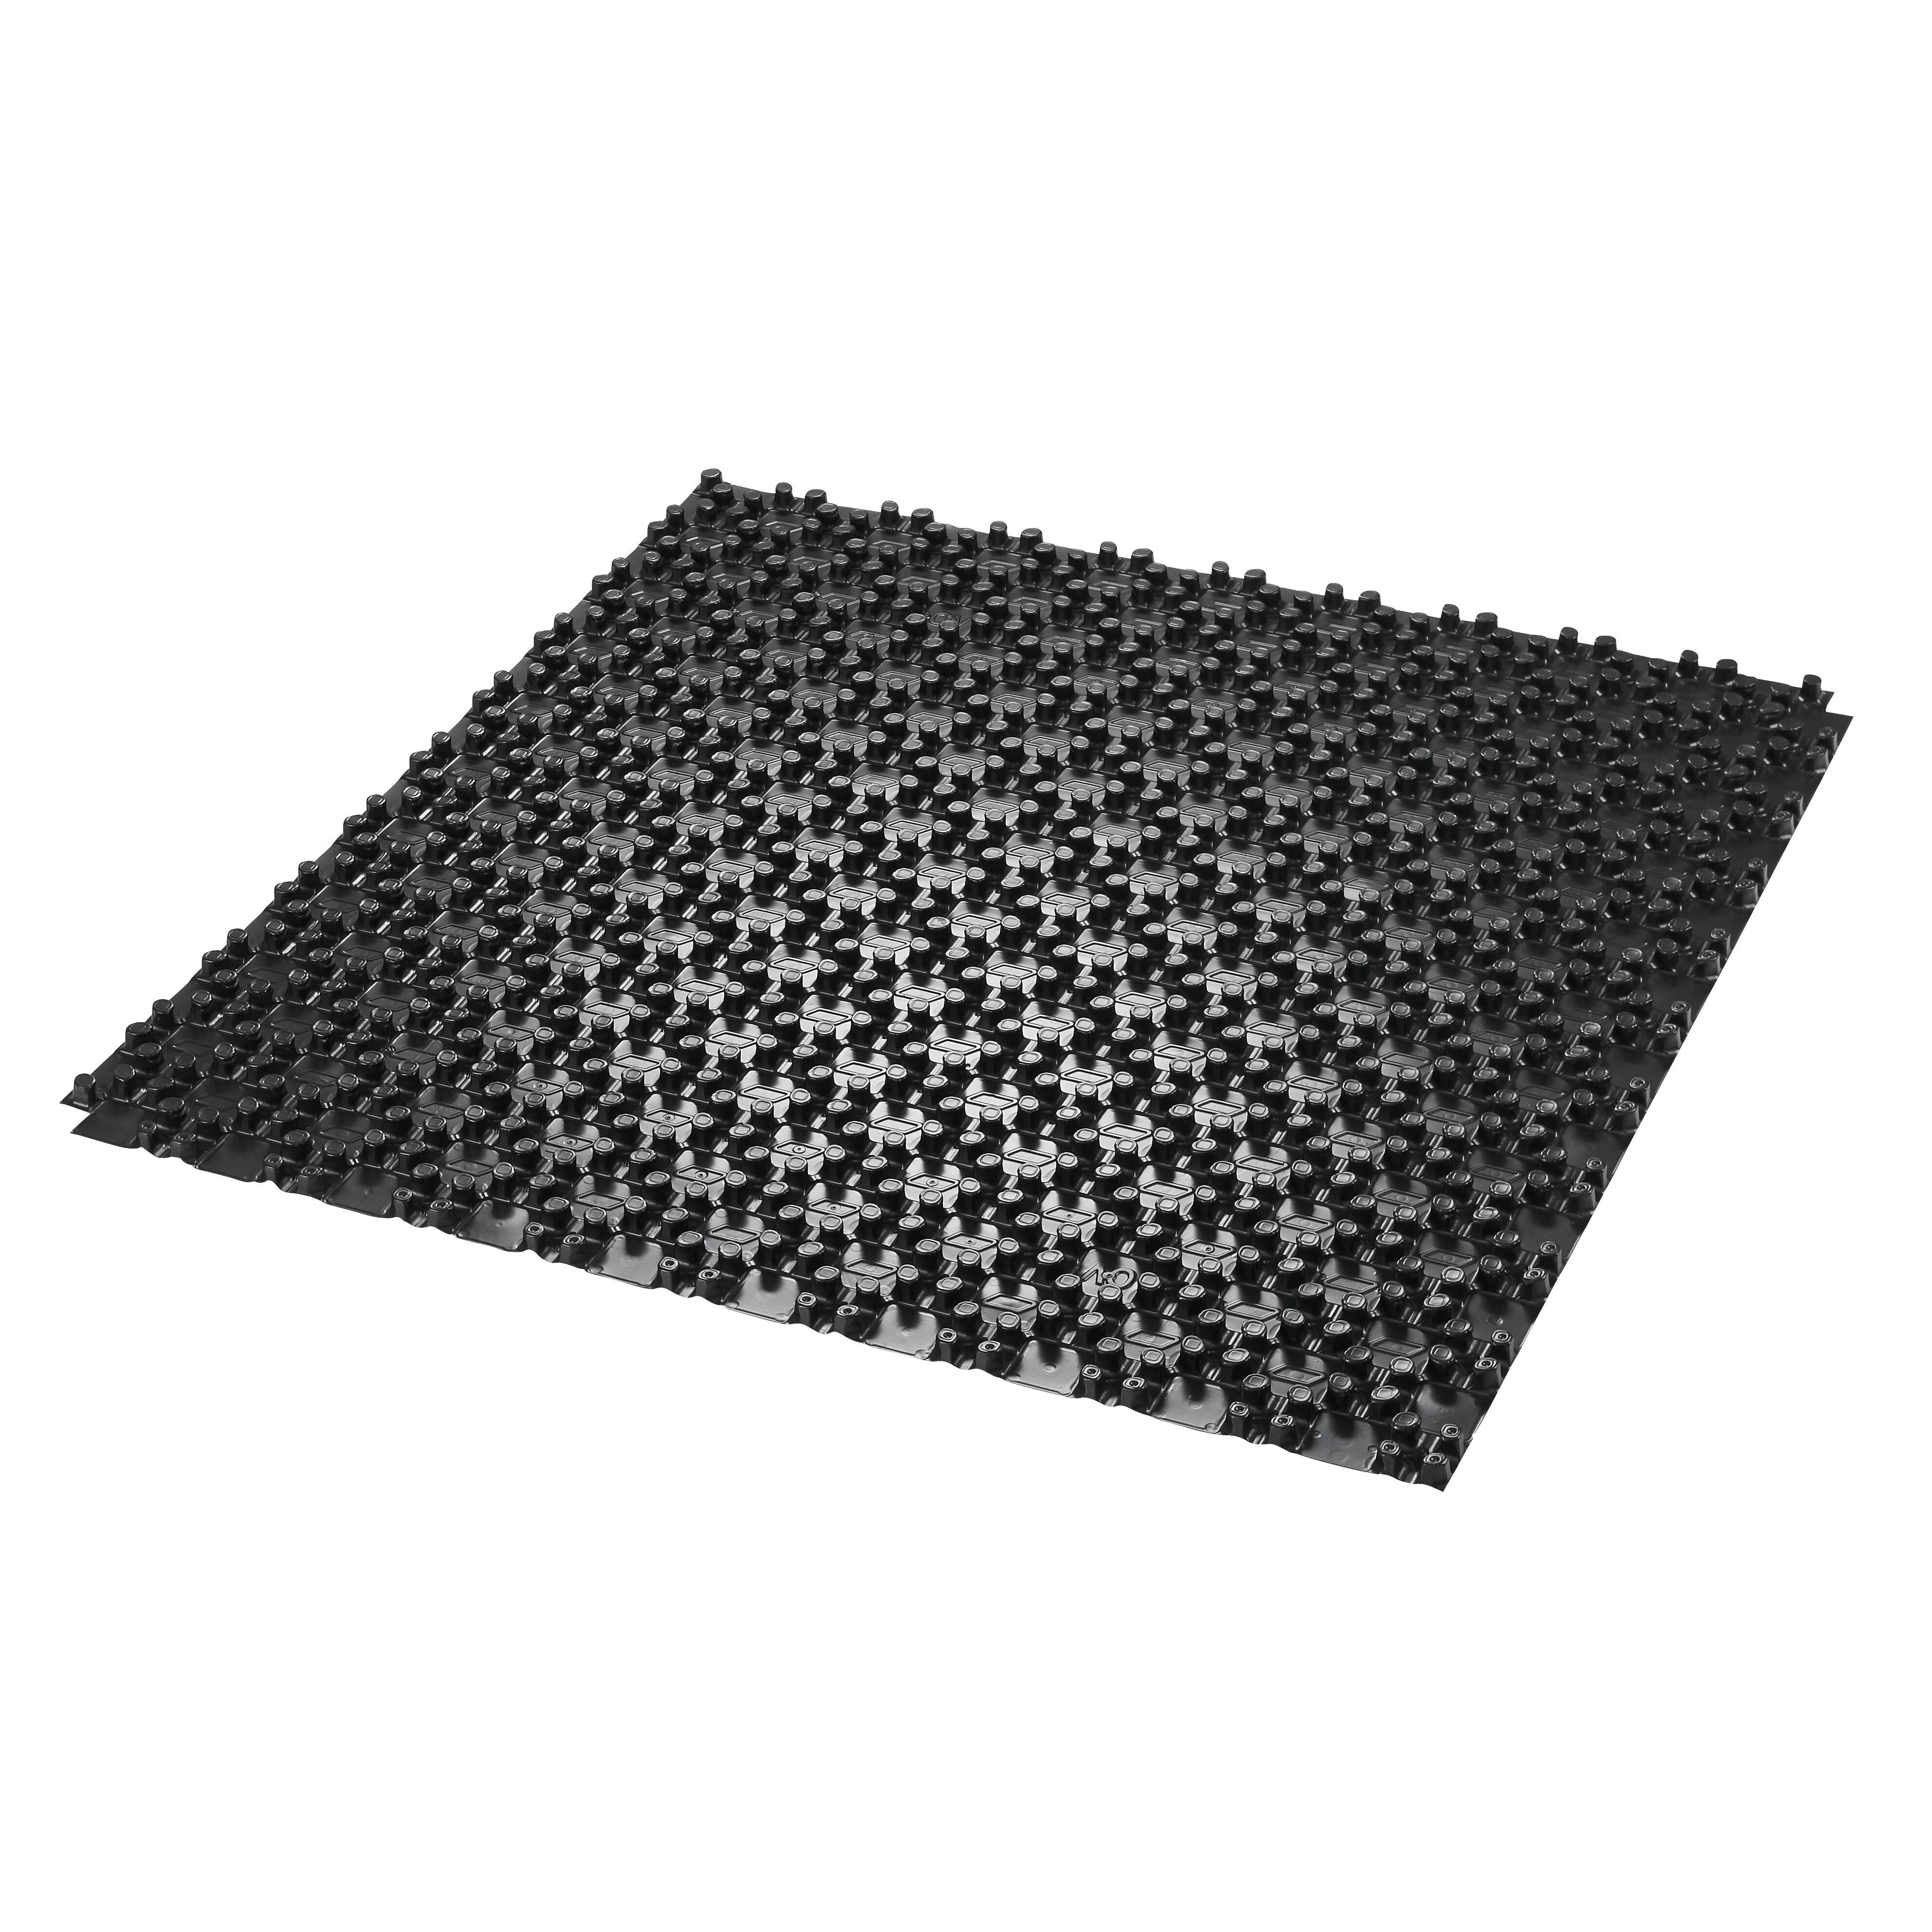 noppenplatte np 11 f r cofloor system noppenplatte 1 0 x 1 0 m mit w rmed mmung 11 mm wlg. Black Bedroom Furniture Sets. Home Design Ideas